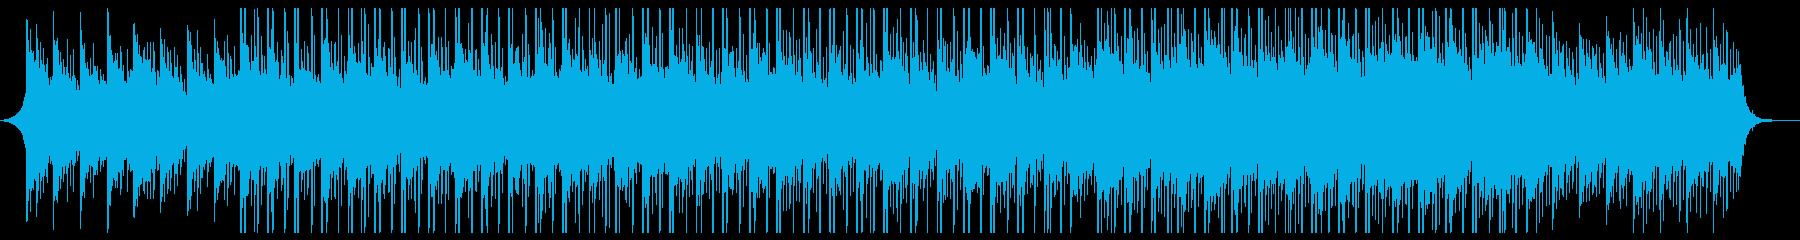 バックグラウンドテクノロジーミュージックの再生済みの波形